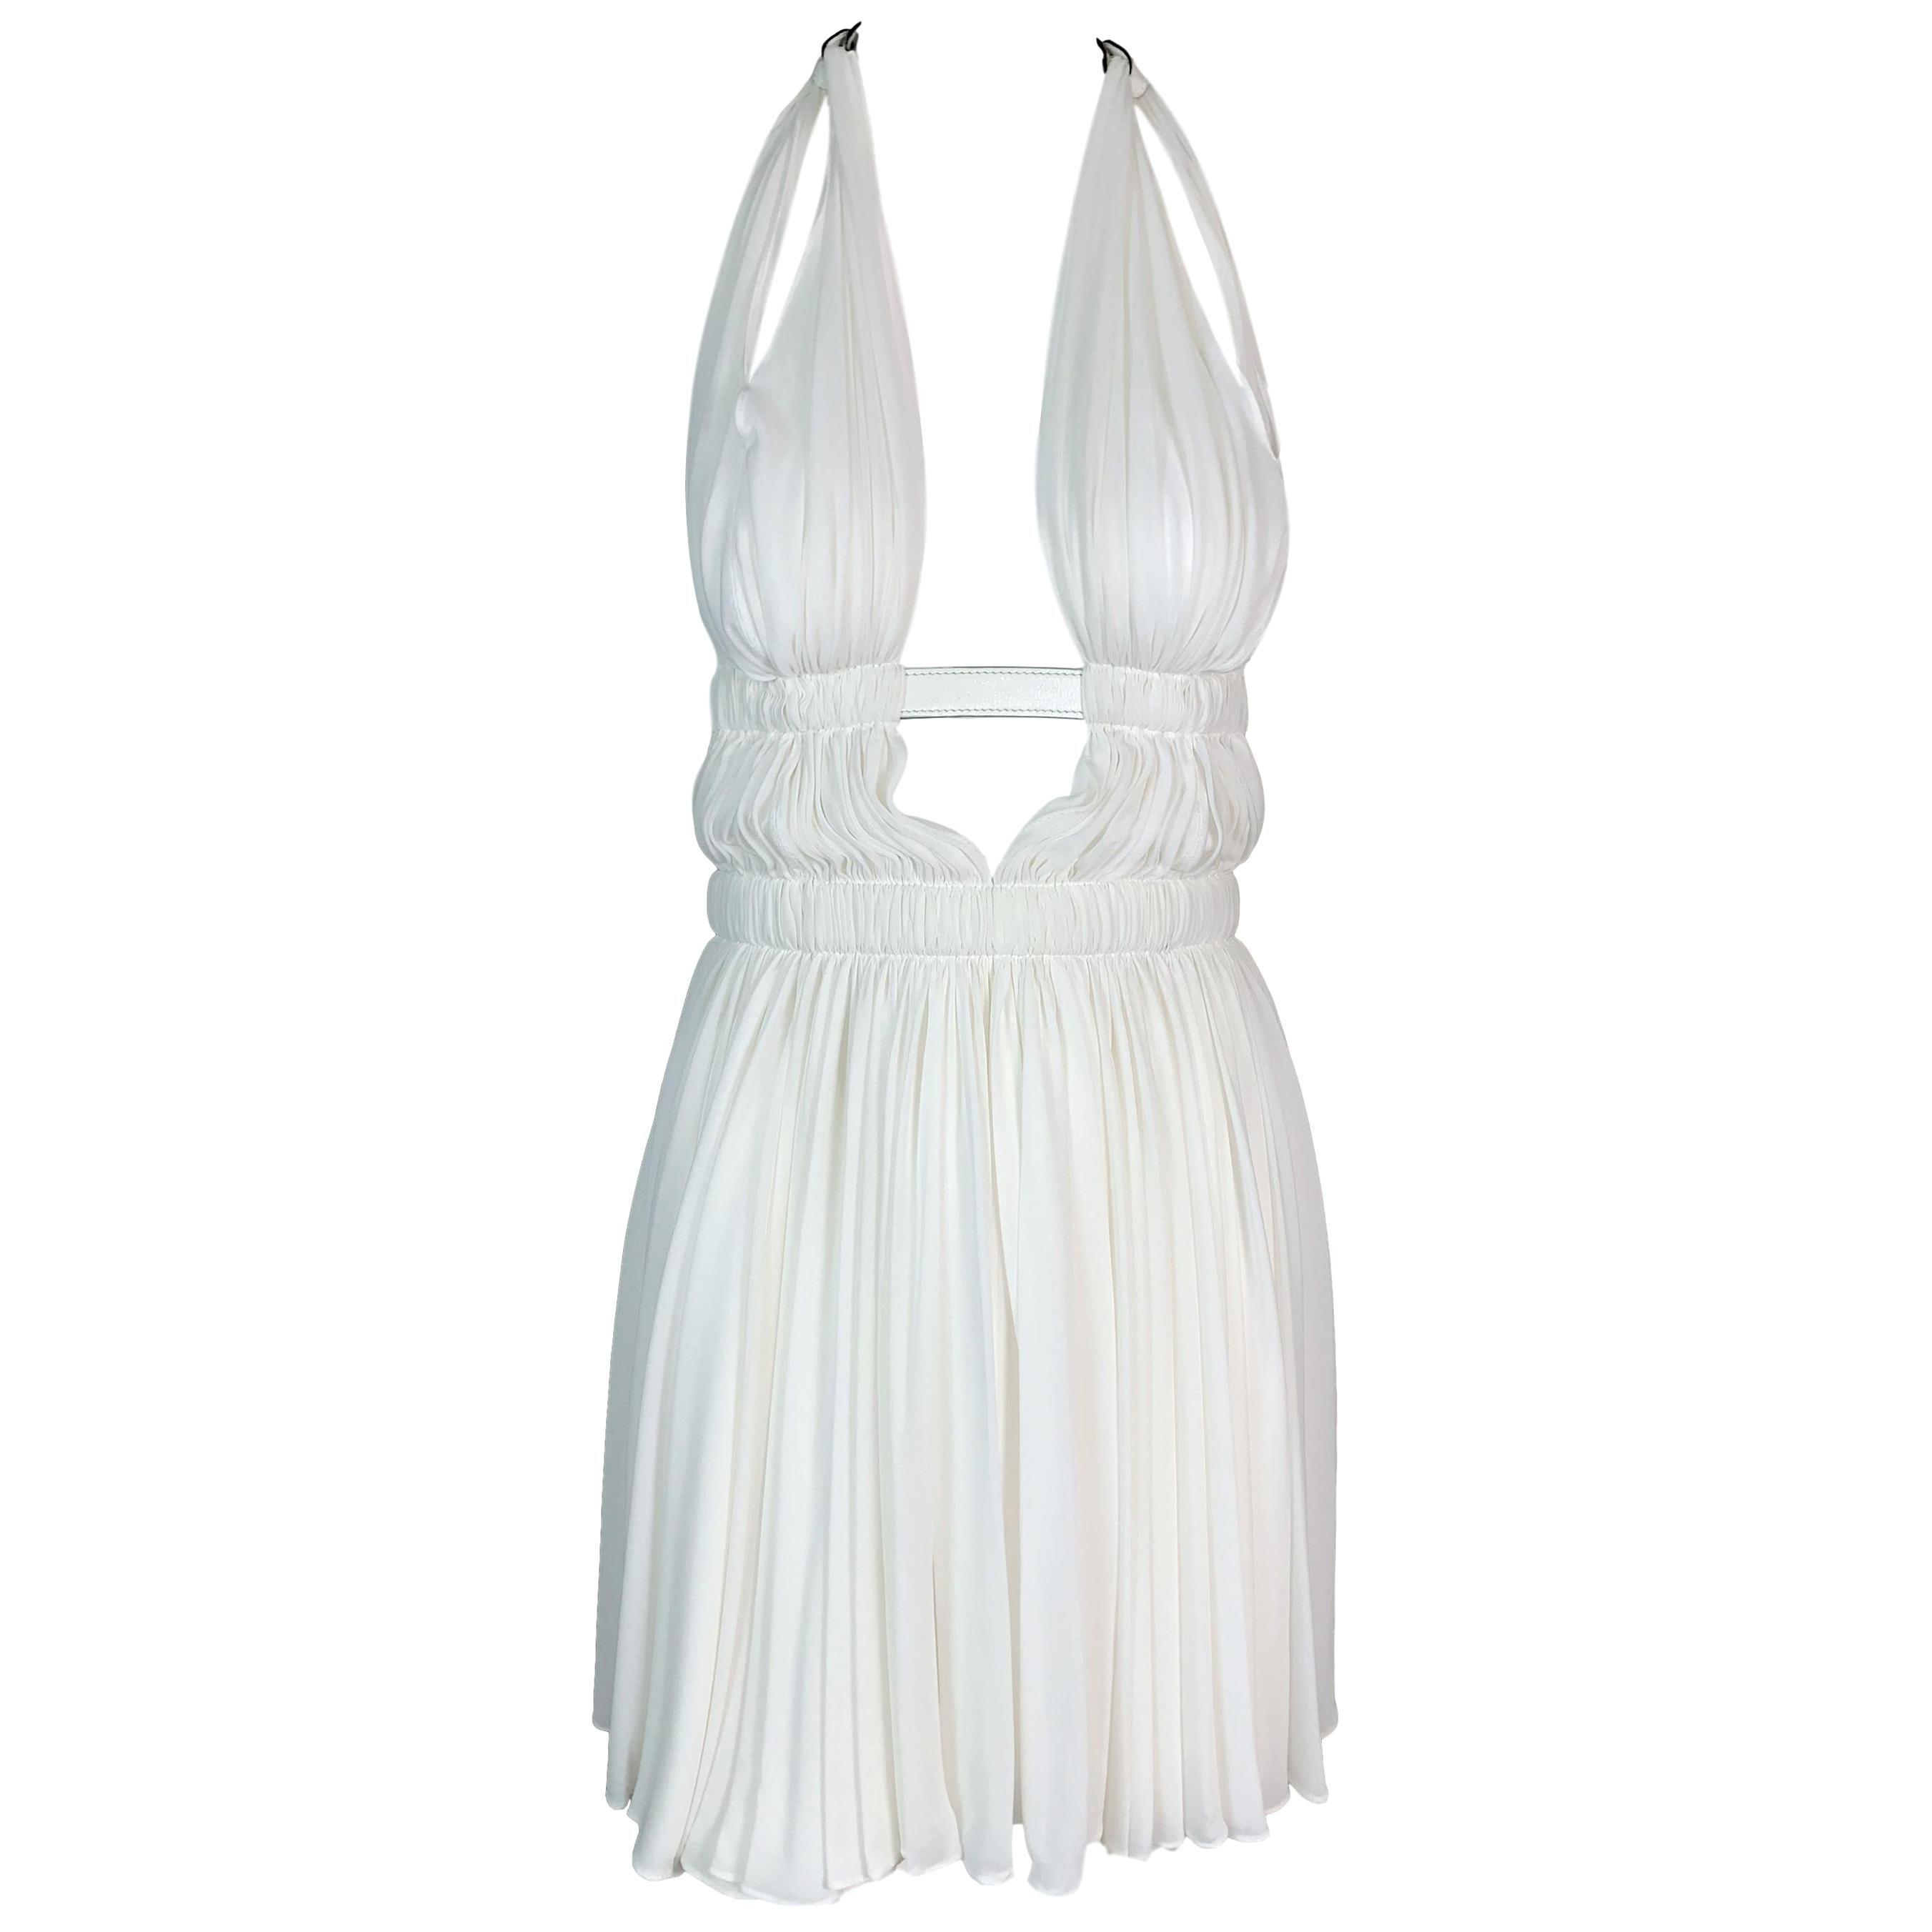 S/S 1991 Azzedine Alaia Runway Retrospective White Grecian Micro Mini Dress